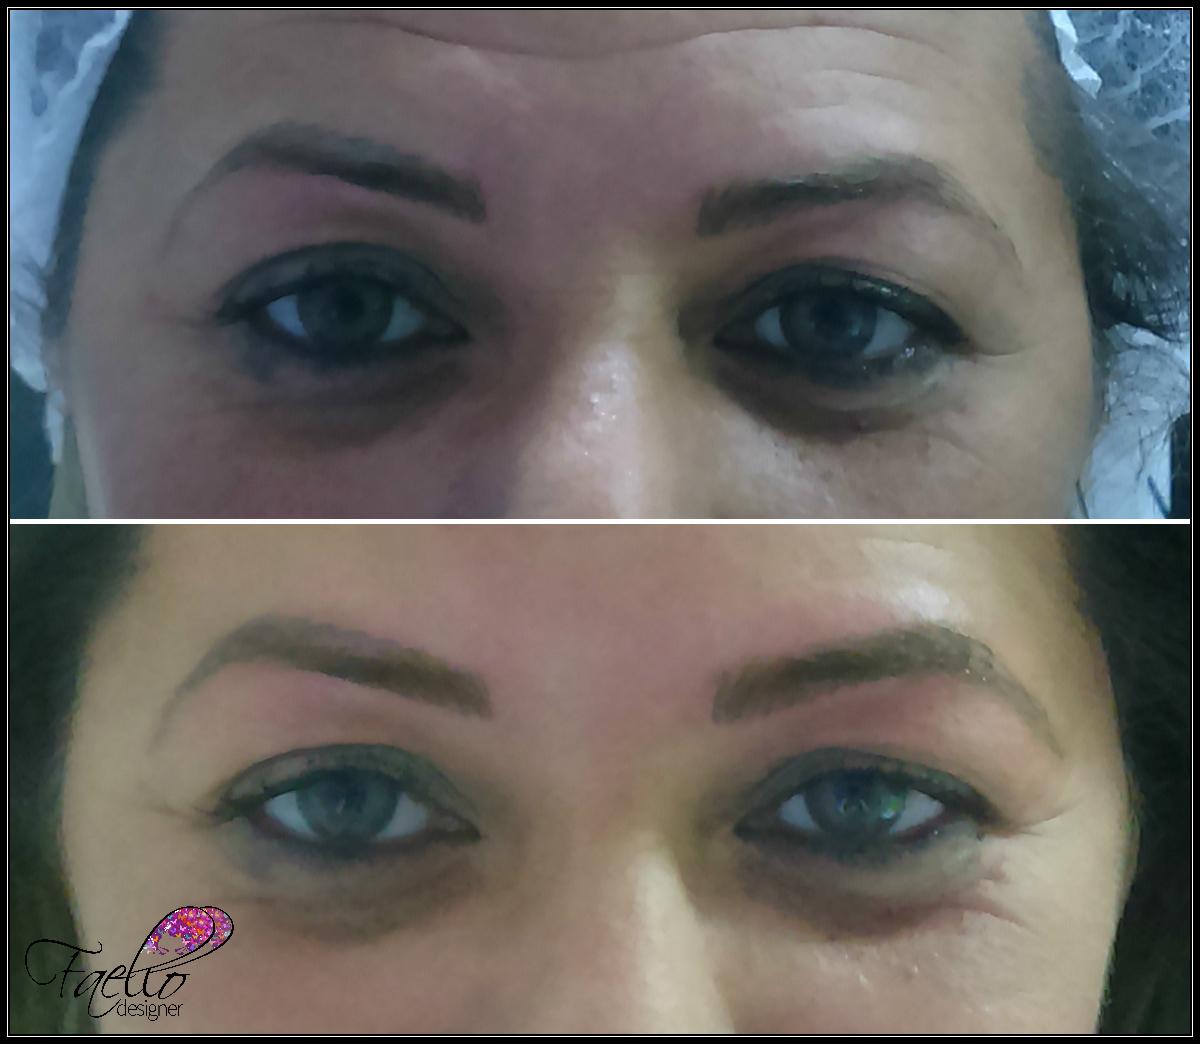 estética micropigmentador(a) designer de sobrancelhas maquiador(a) dermopigmentador(a)